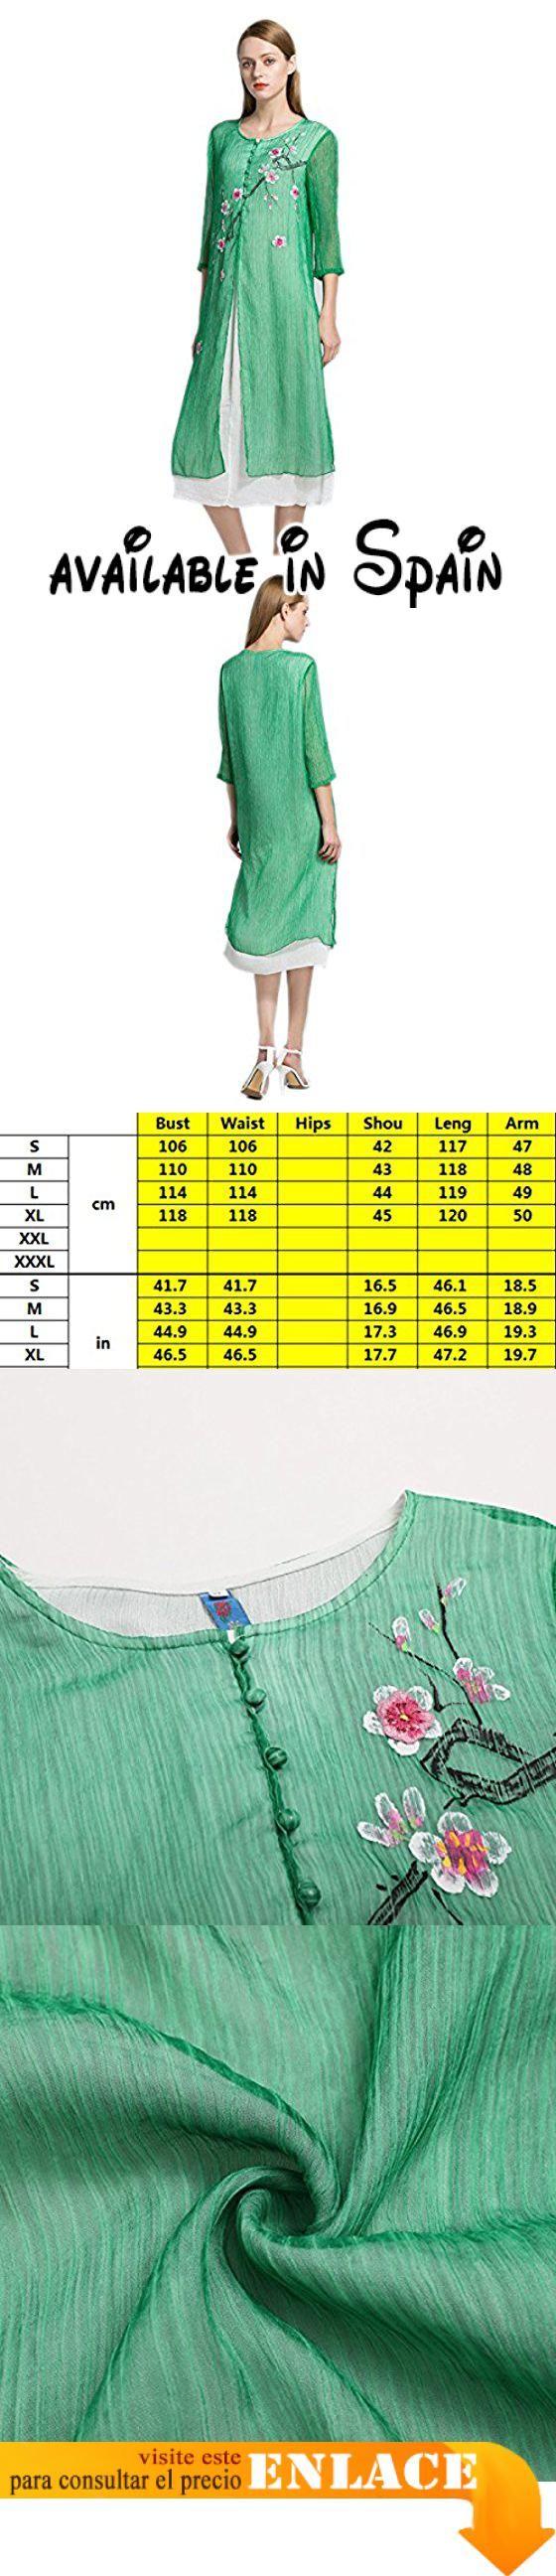 B072ZXF8CB : HGDR Primavera Verano Mujeres Del Otoño Vestido Suelto 3/4 Manga Larga Con Cuello Redondo Maxi Bordado De Gasa De La ModaGreen-S. Material: 65% poliéster 35% spandex piel efecto que tienen buena higroscopicidad y transpirable cómodo usar. Ronda de pico holgada del estilo la libertad sin restricciones harán disfrutar el verano. Es traje Casual diario banquete boda Cóctel casual diario fiesta de Navidad Vestido de noche de primavera y verano